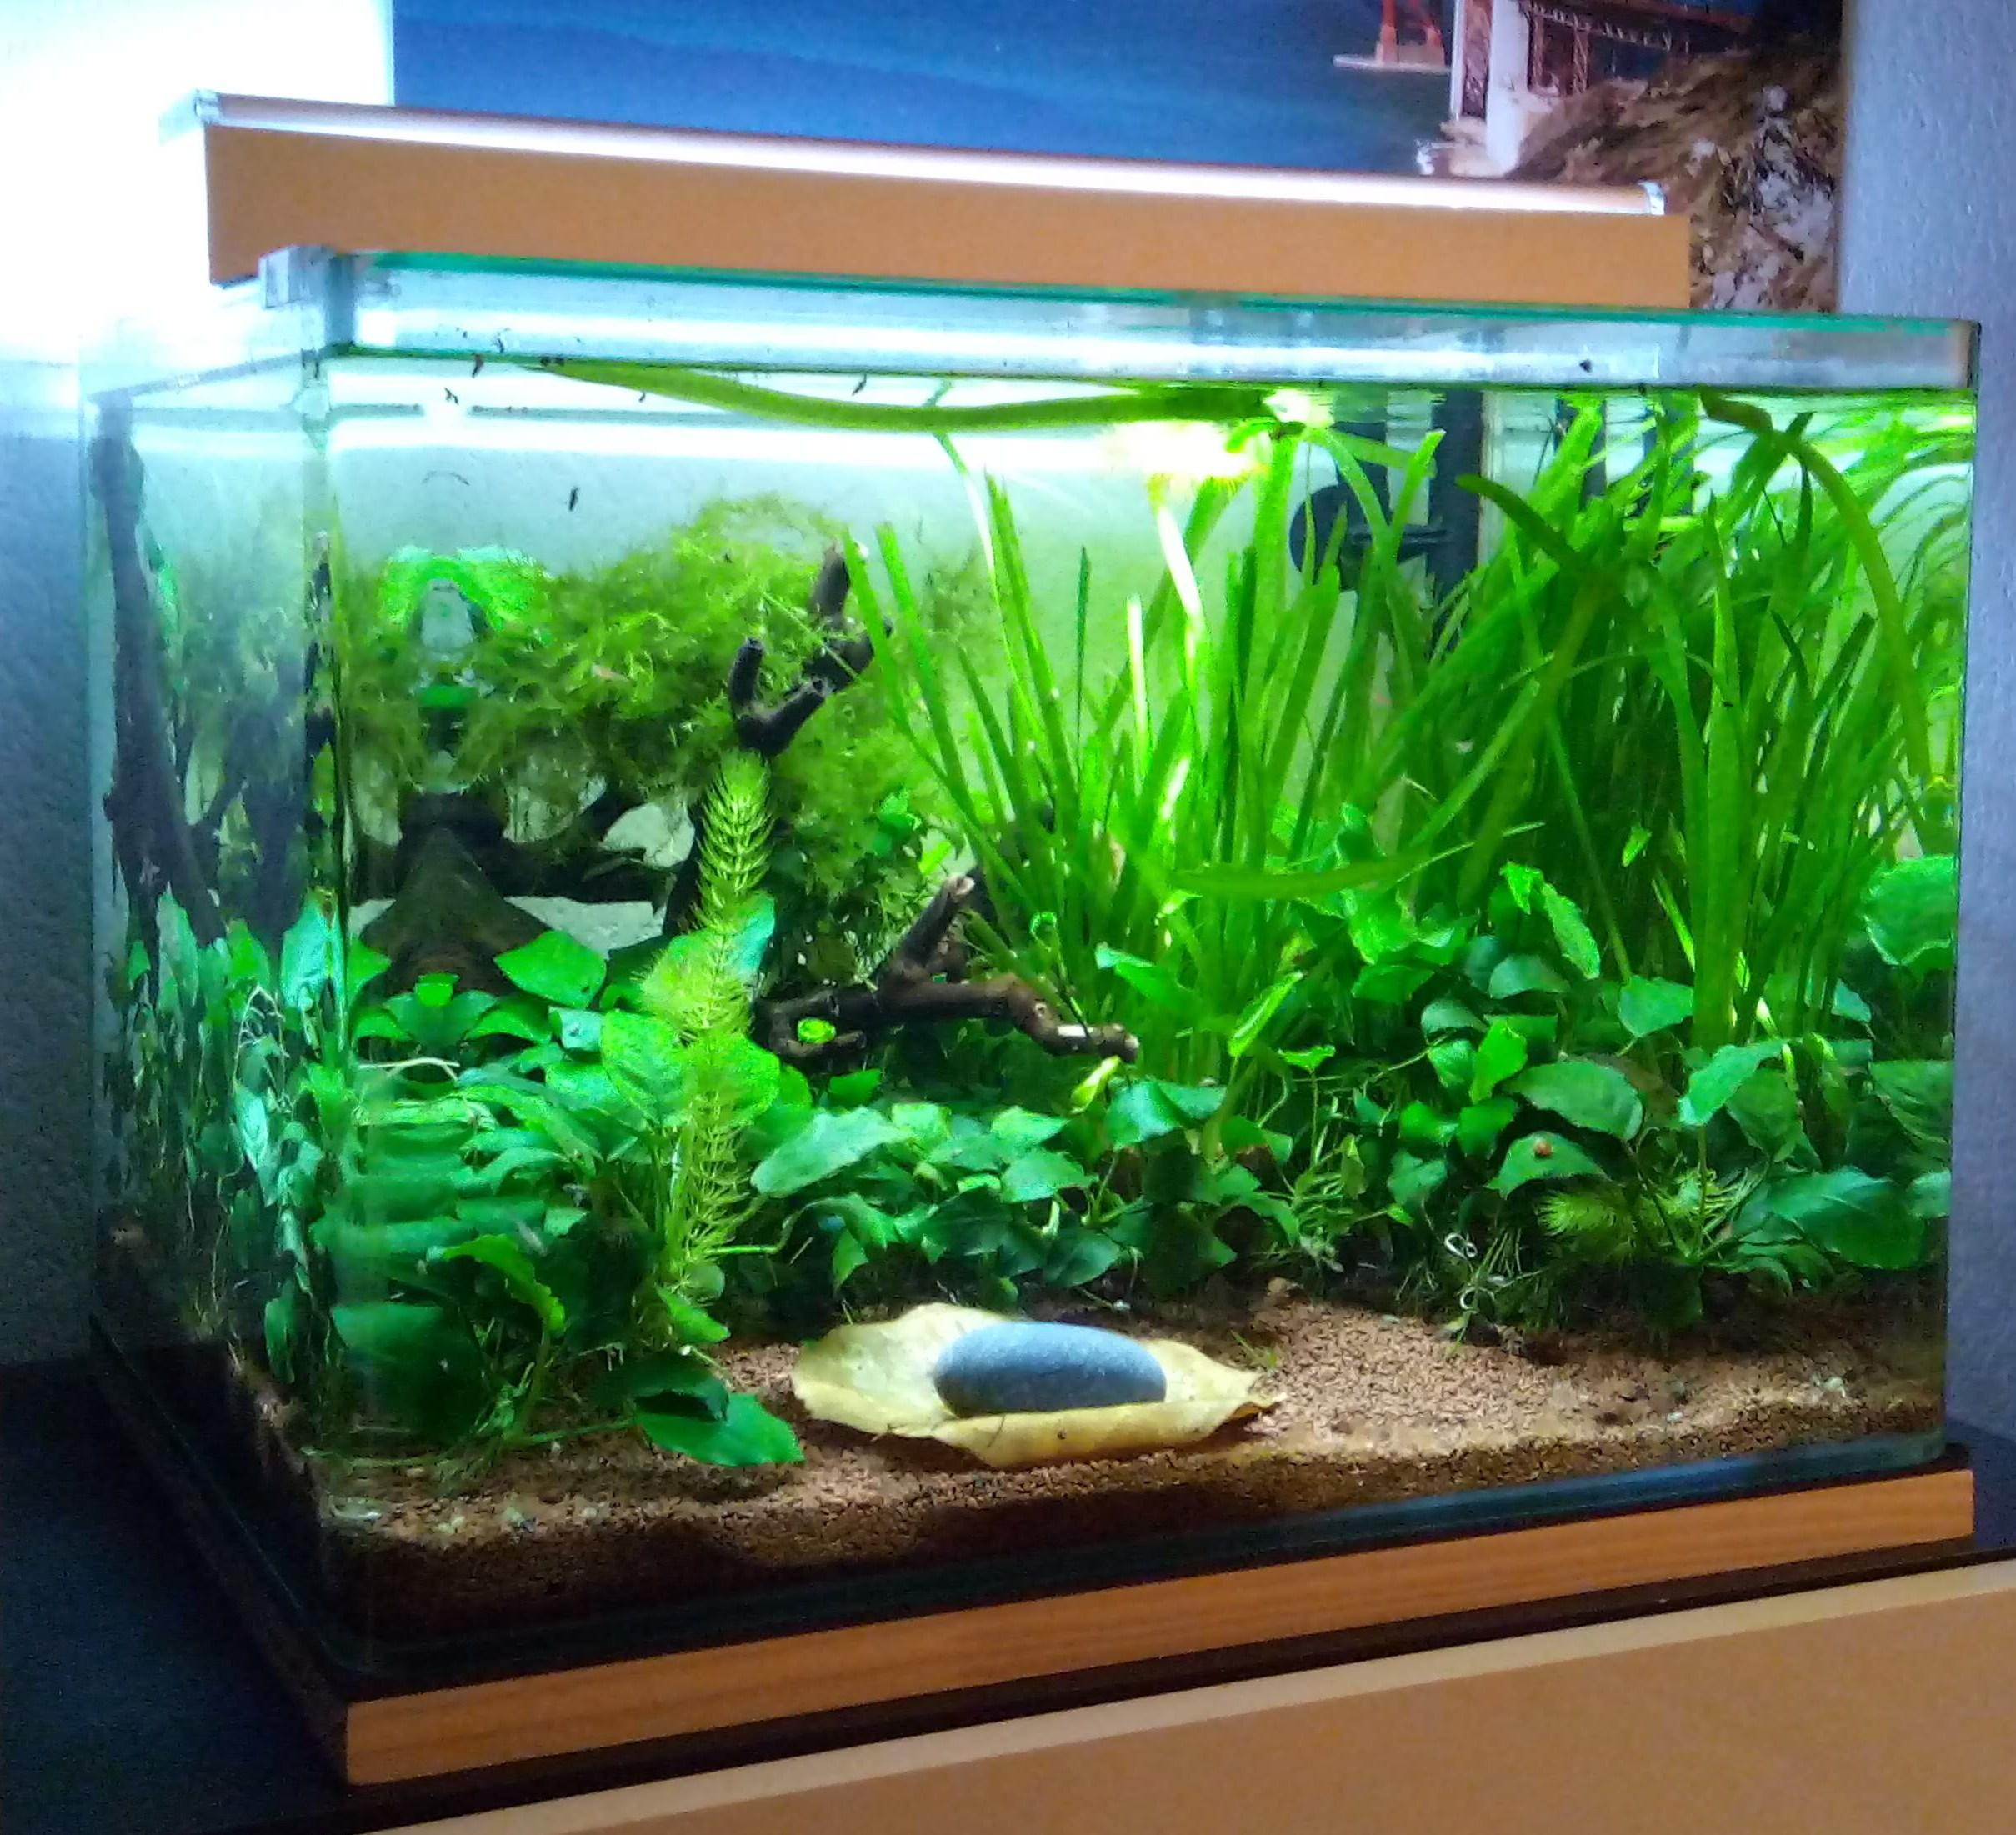 faire son engrais maison pour aquarium ventana blog. Black Bedroom Furniture Sets. Home Design Ideas